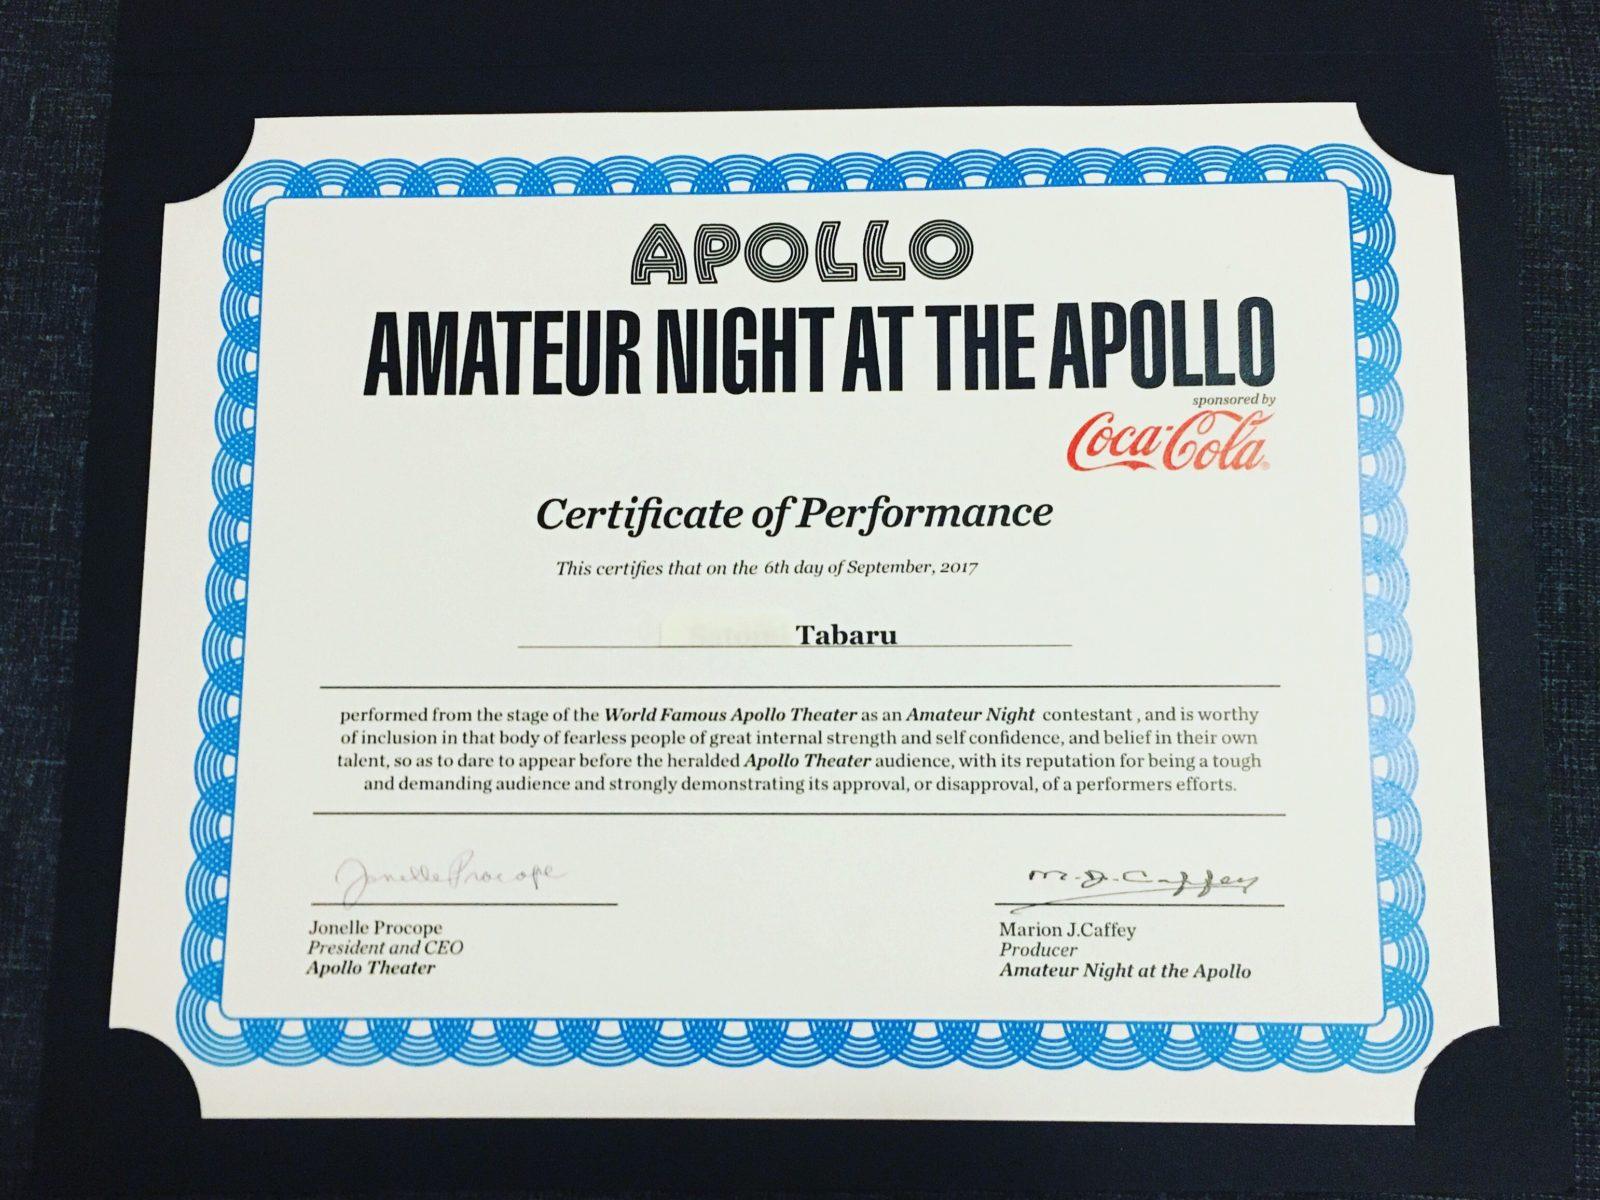 TABARU 初めてのNew York1ヶ月生活レポート 〜APOLLO THEATER Amateur Night に出場!! 編〜画像43104